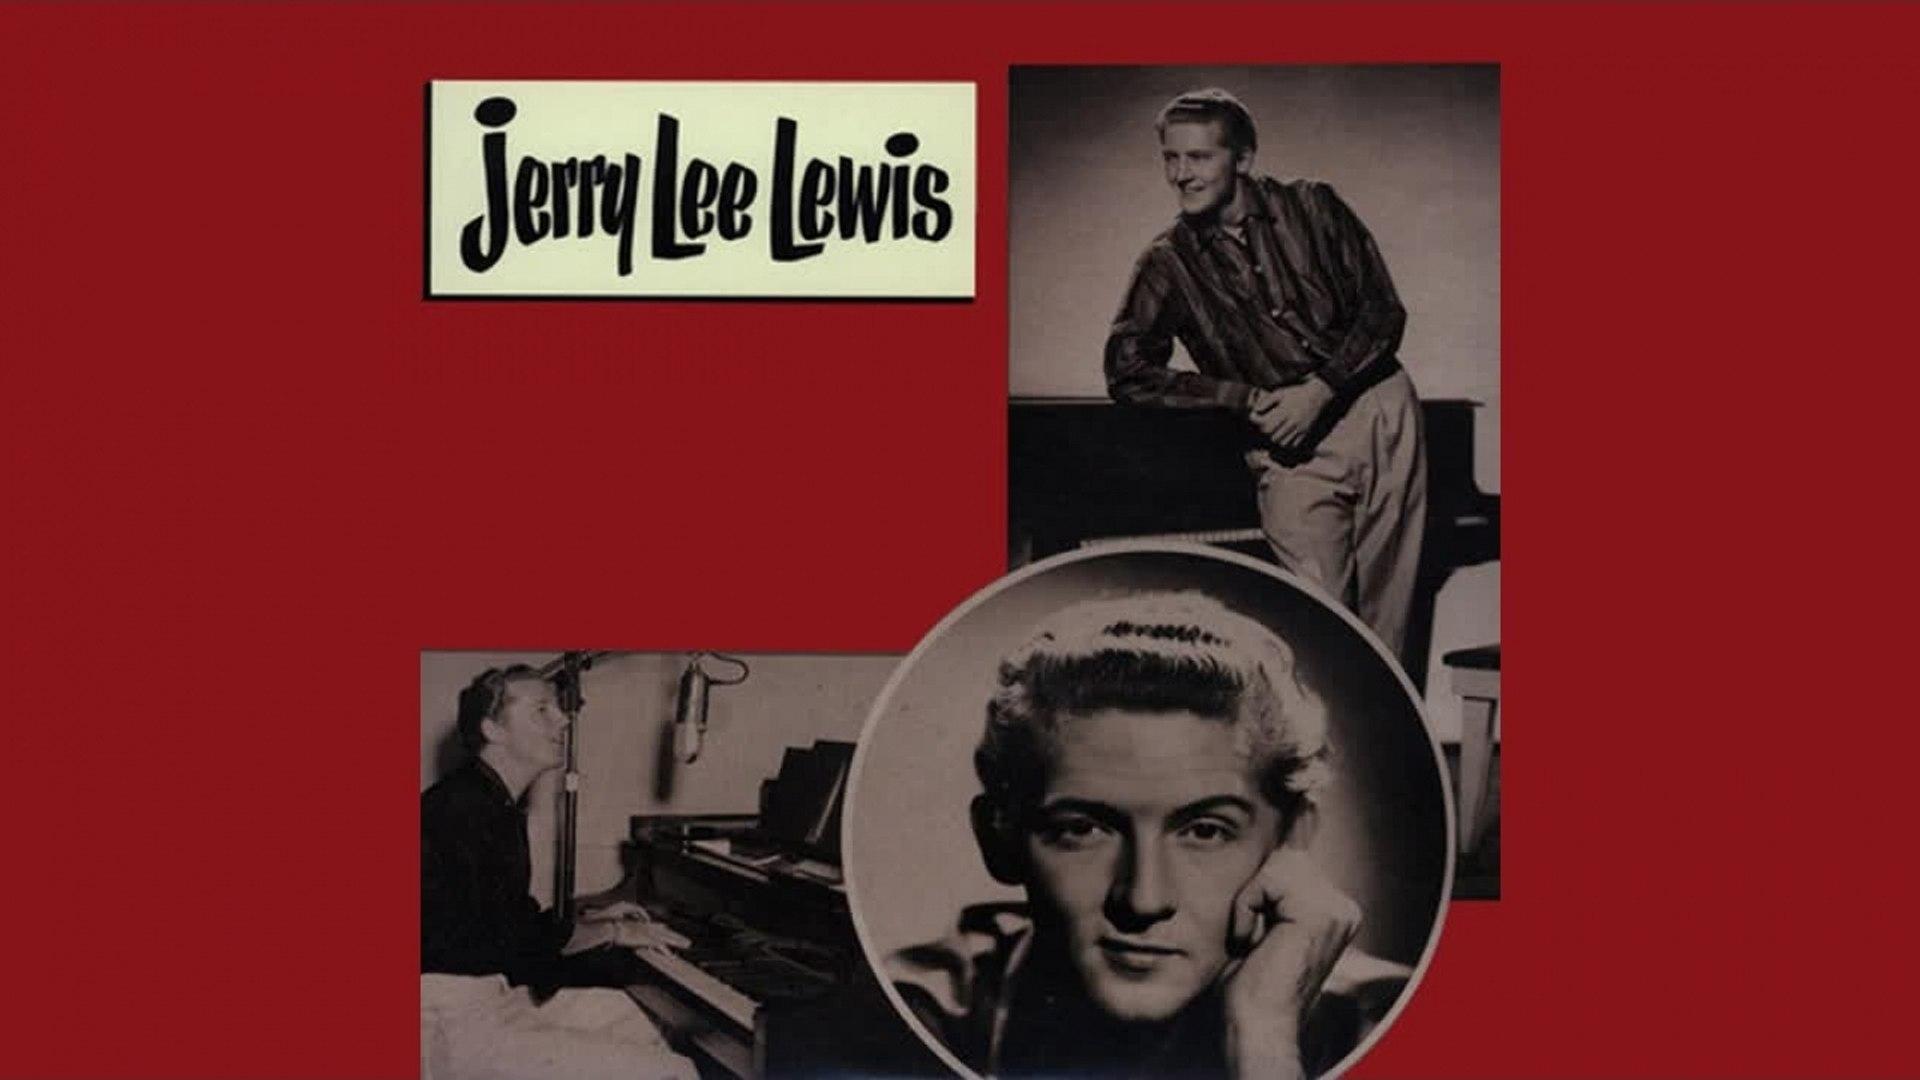 Jerry Lee Lewis - Goodnight Irene